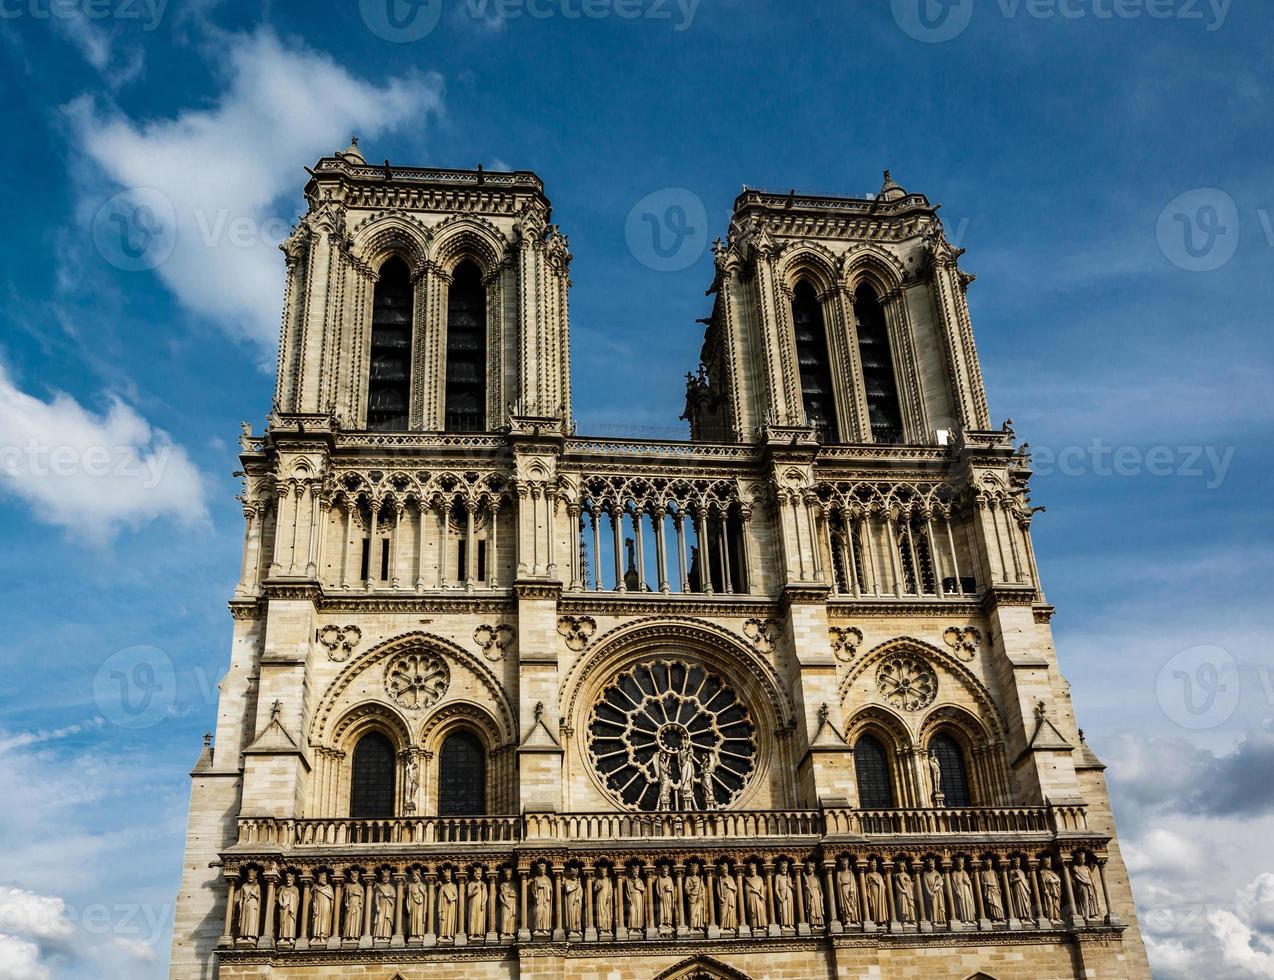 notre dame de paris katedral på cite island, france foto